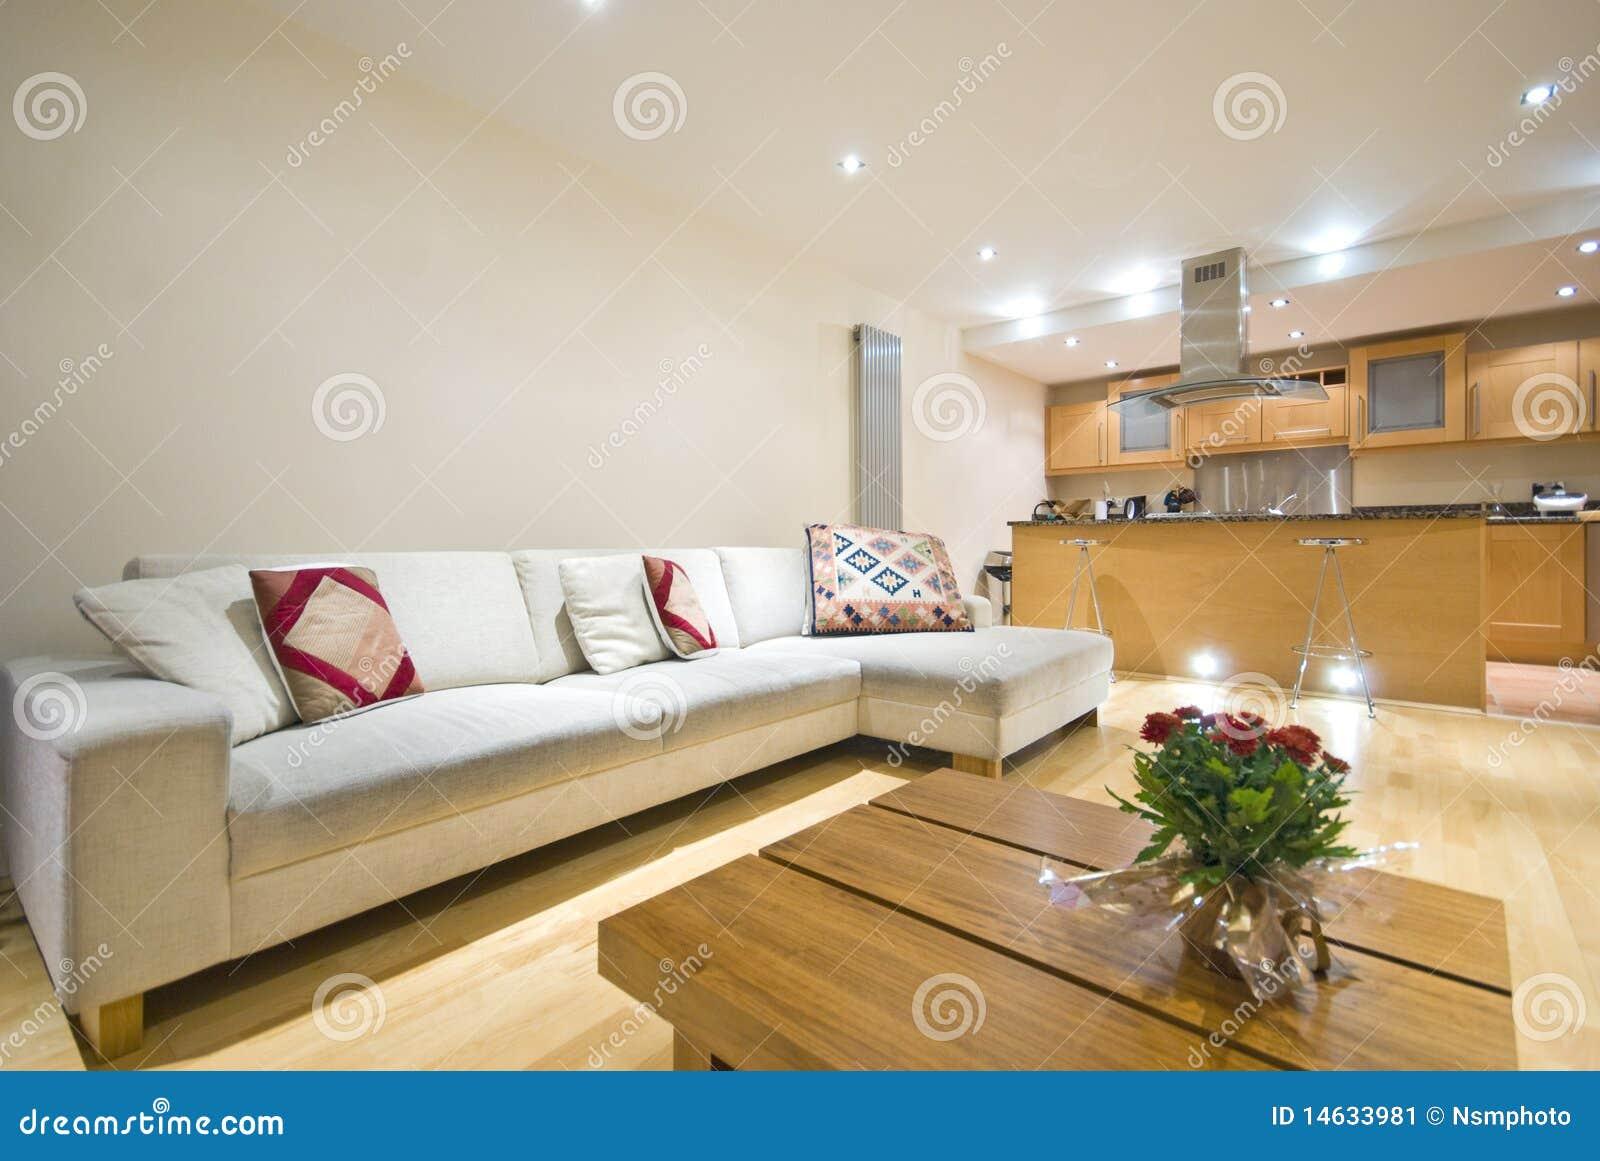 Sala de estar y cocina abiertas modernas del plan imagen for Sala de estar y cocina